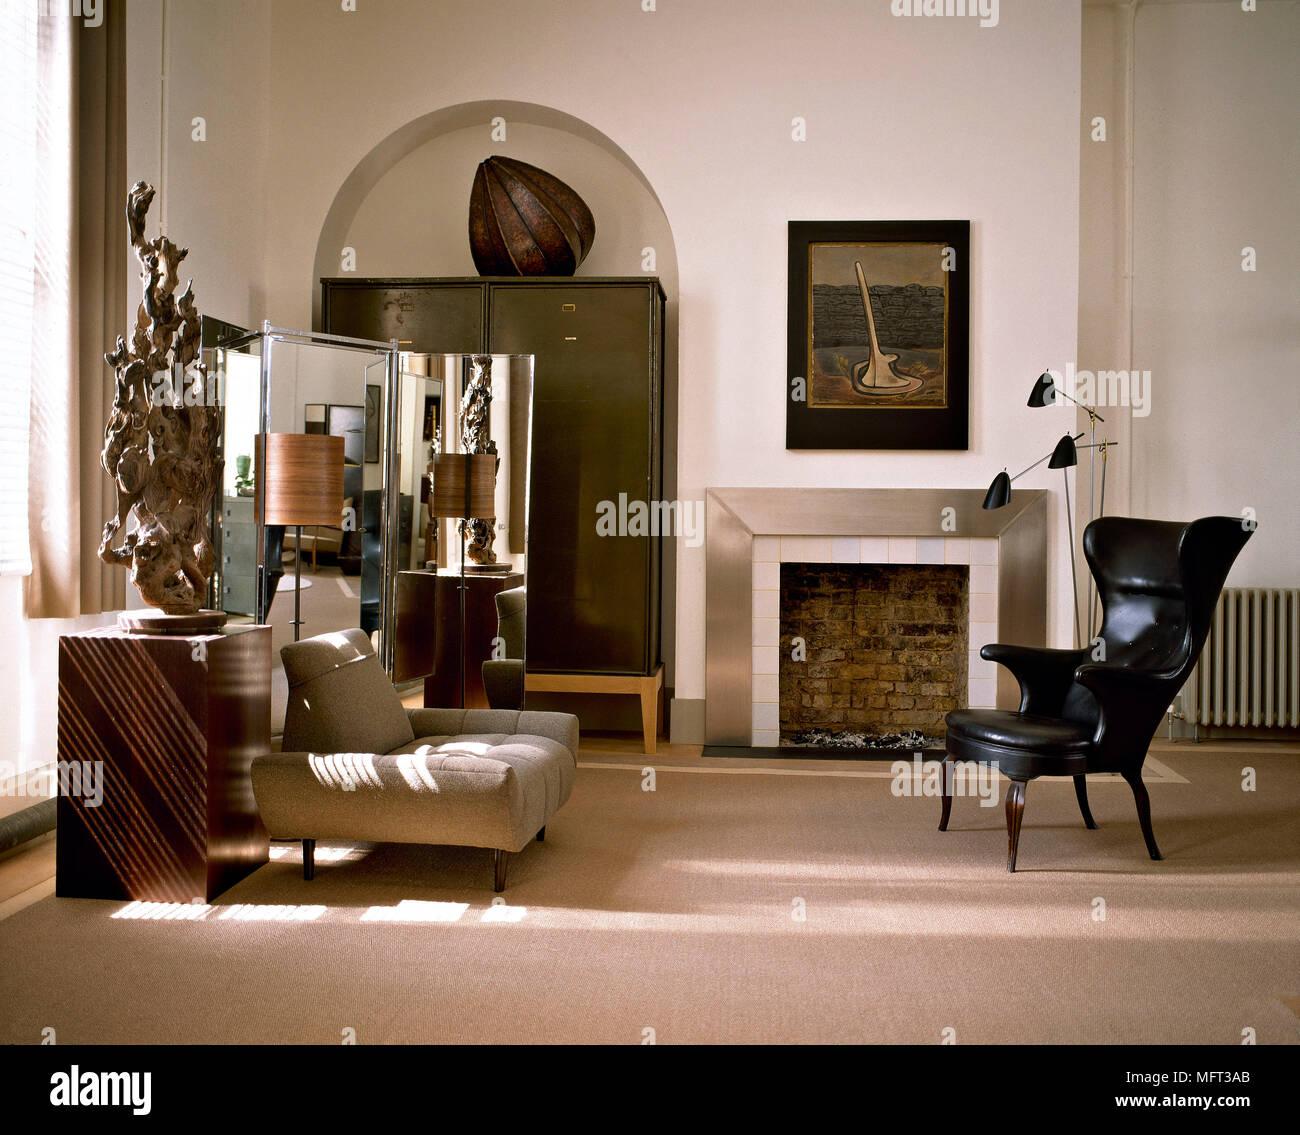 Neutre Moderne Salon Fauteuil En Cuir Noir Métal Intérieur Cheminée  Surround Détail Des Meubles Modernes Du0027une Cheminée